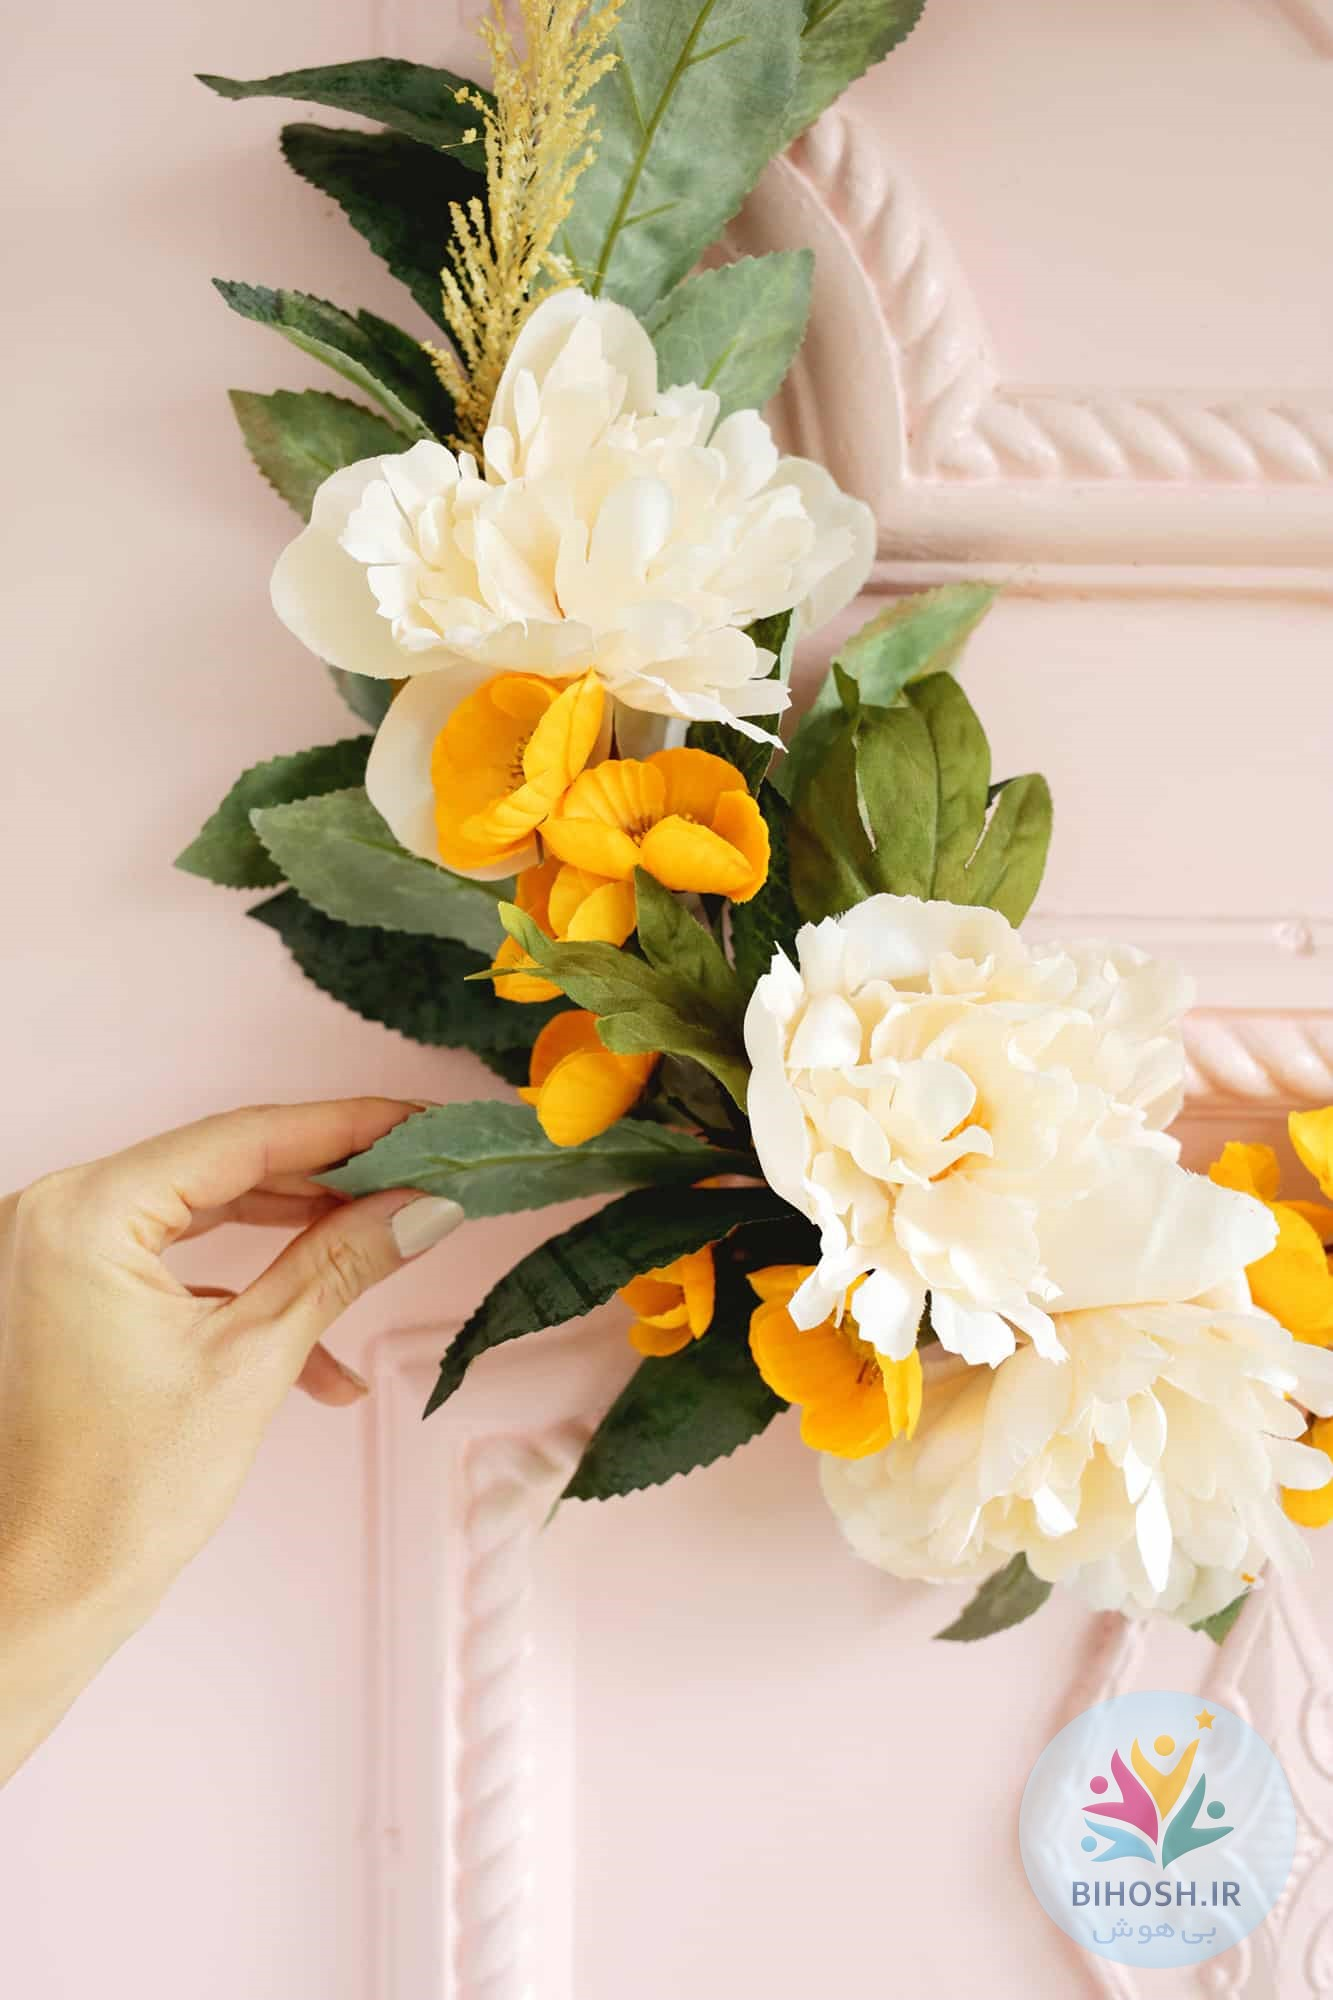 آموزش ساخت تاج گل حلقه ای مدرن